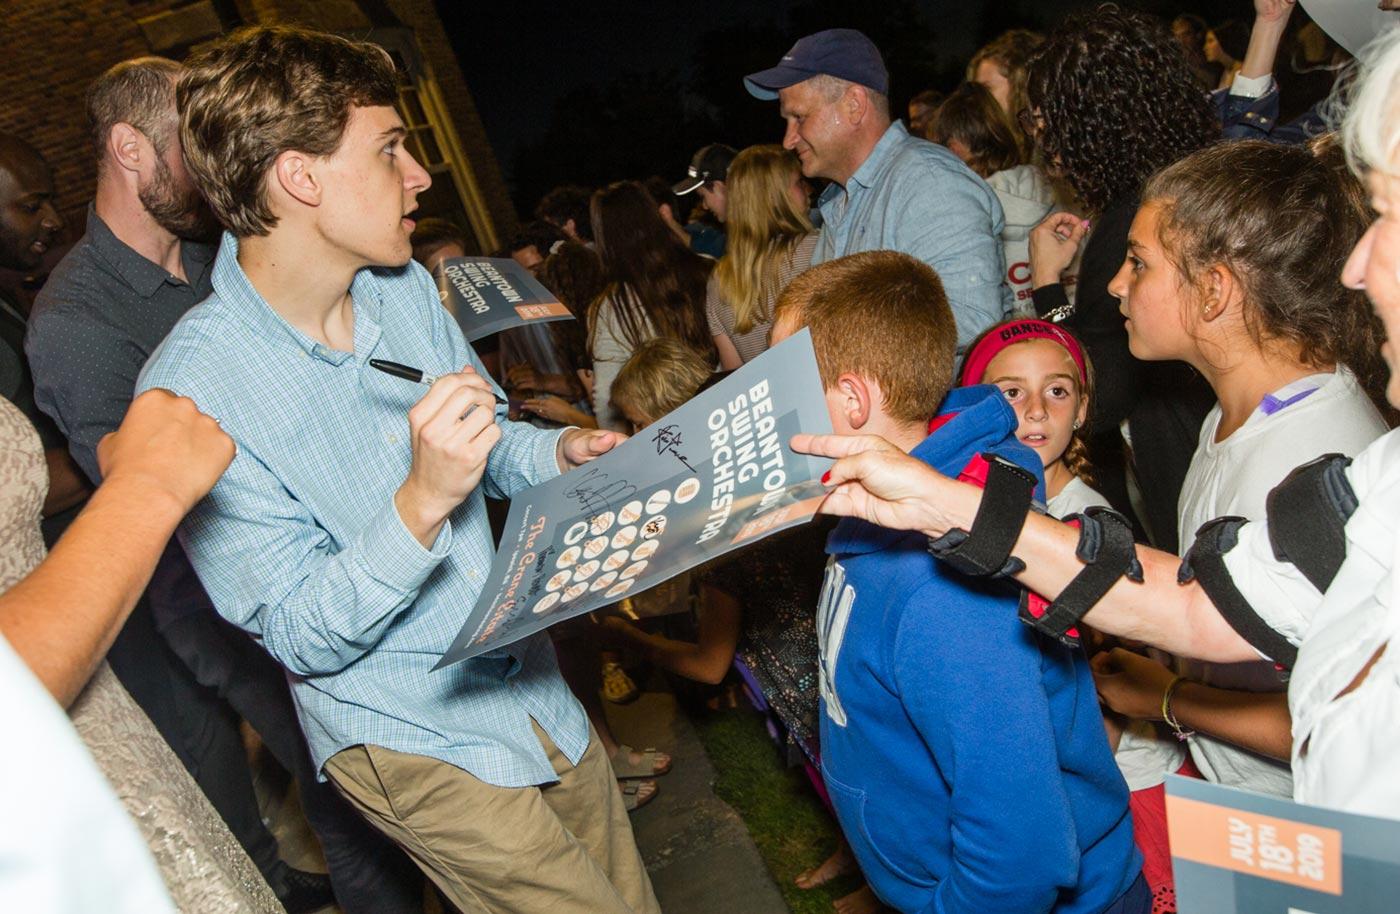 Matt signing autographs after a concert